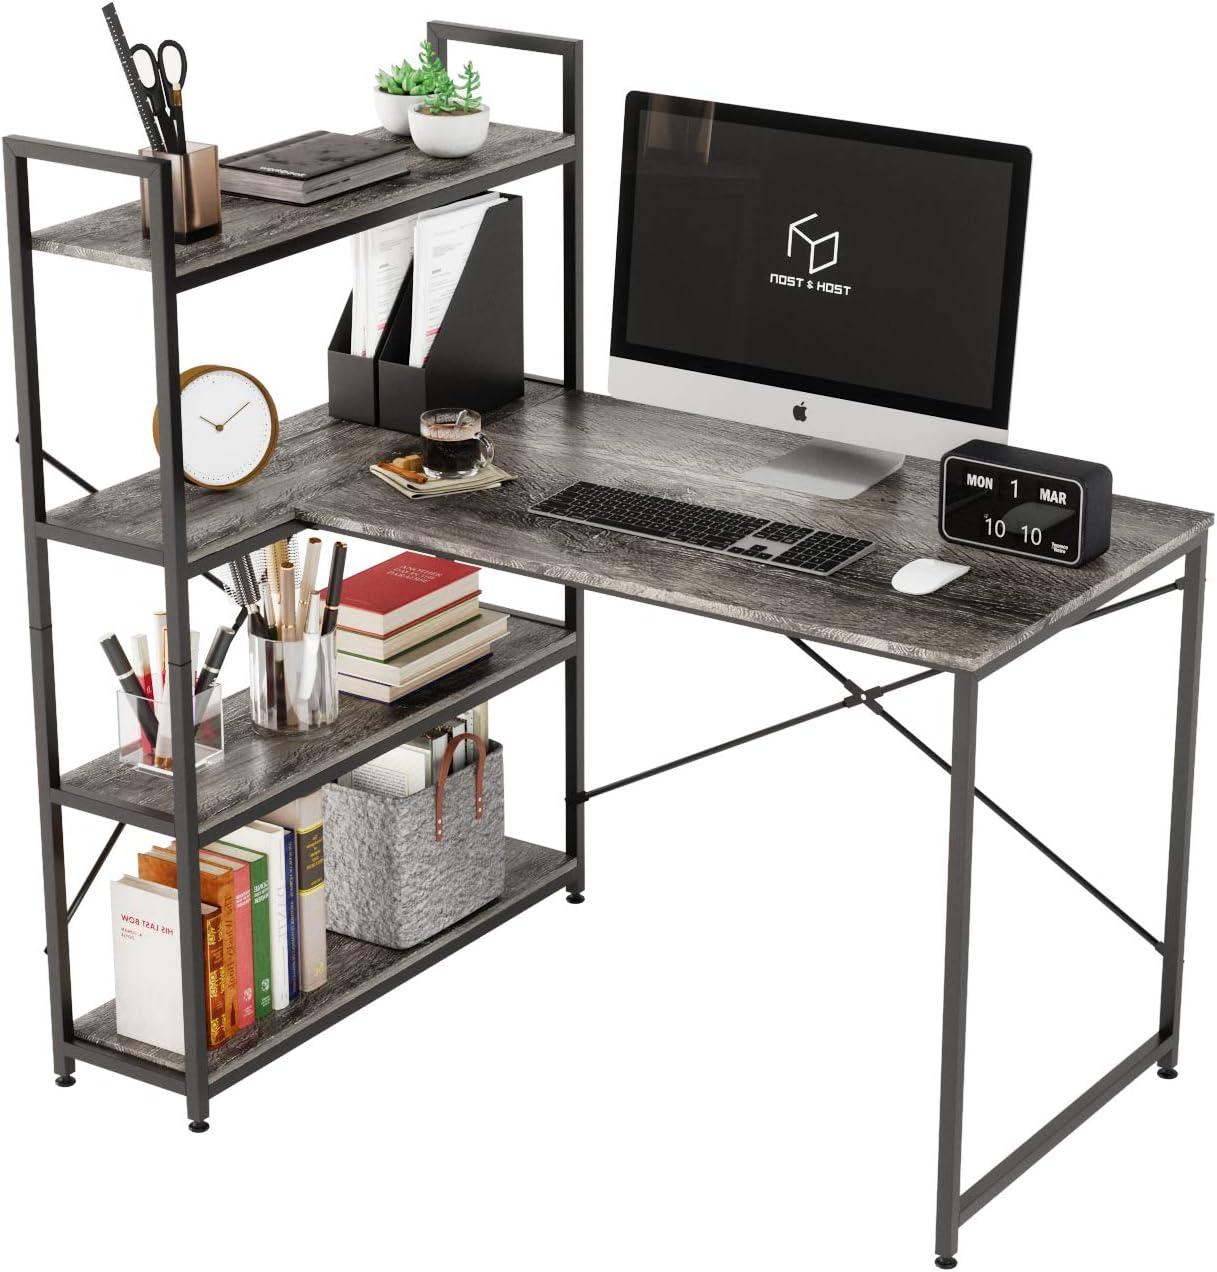 L-Shaped Desk with Rare Shelves Fees free!! Nost Small Corner Host Com